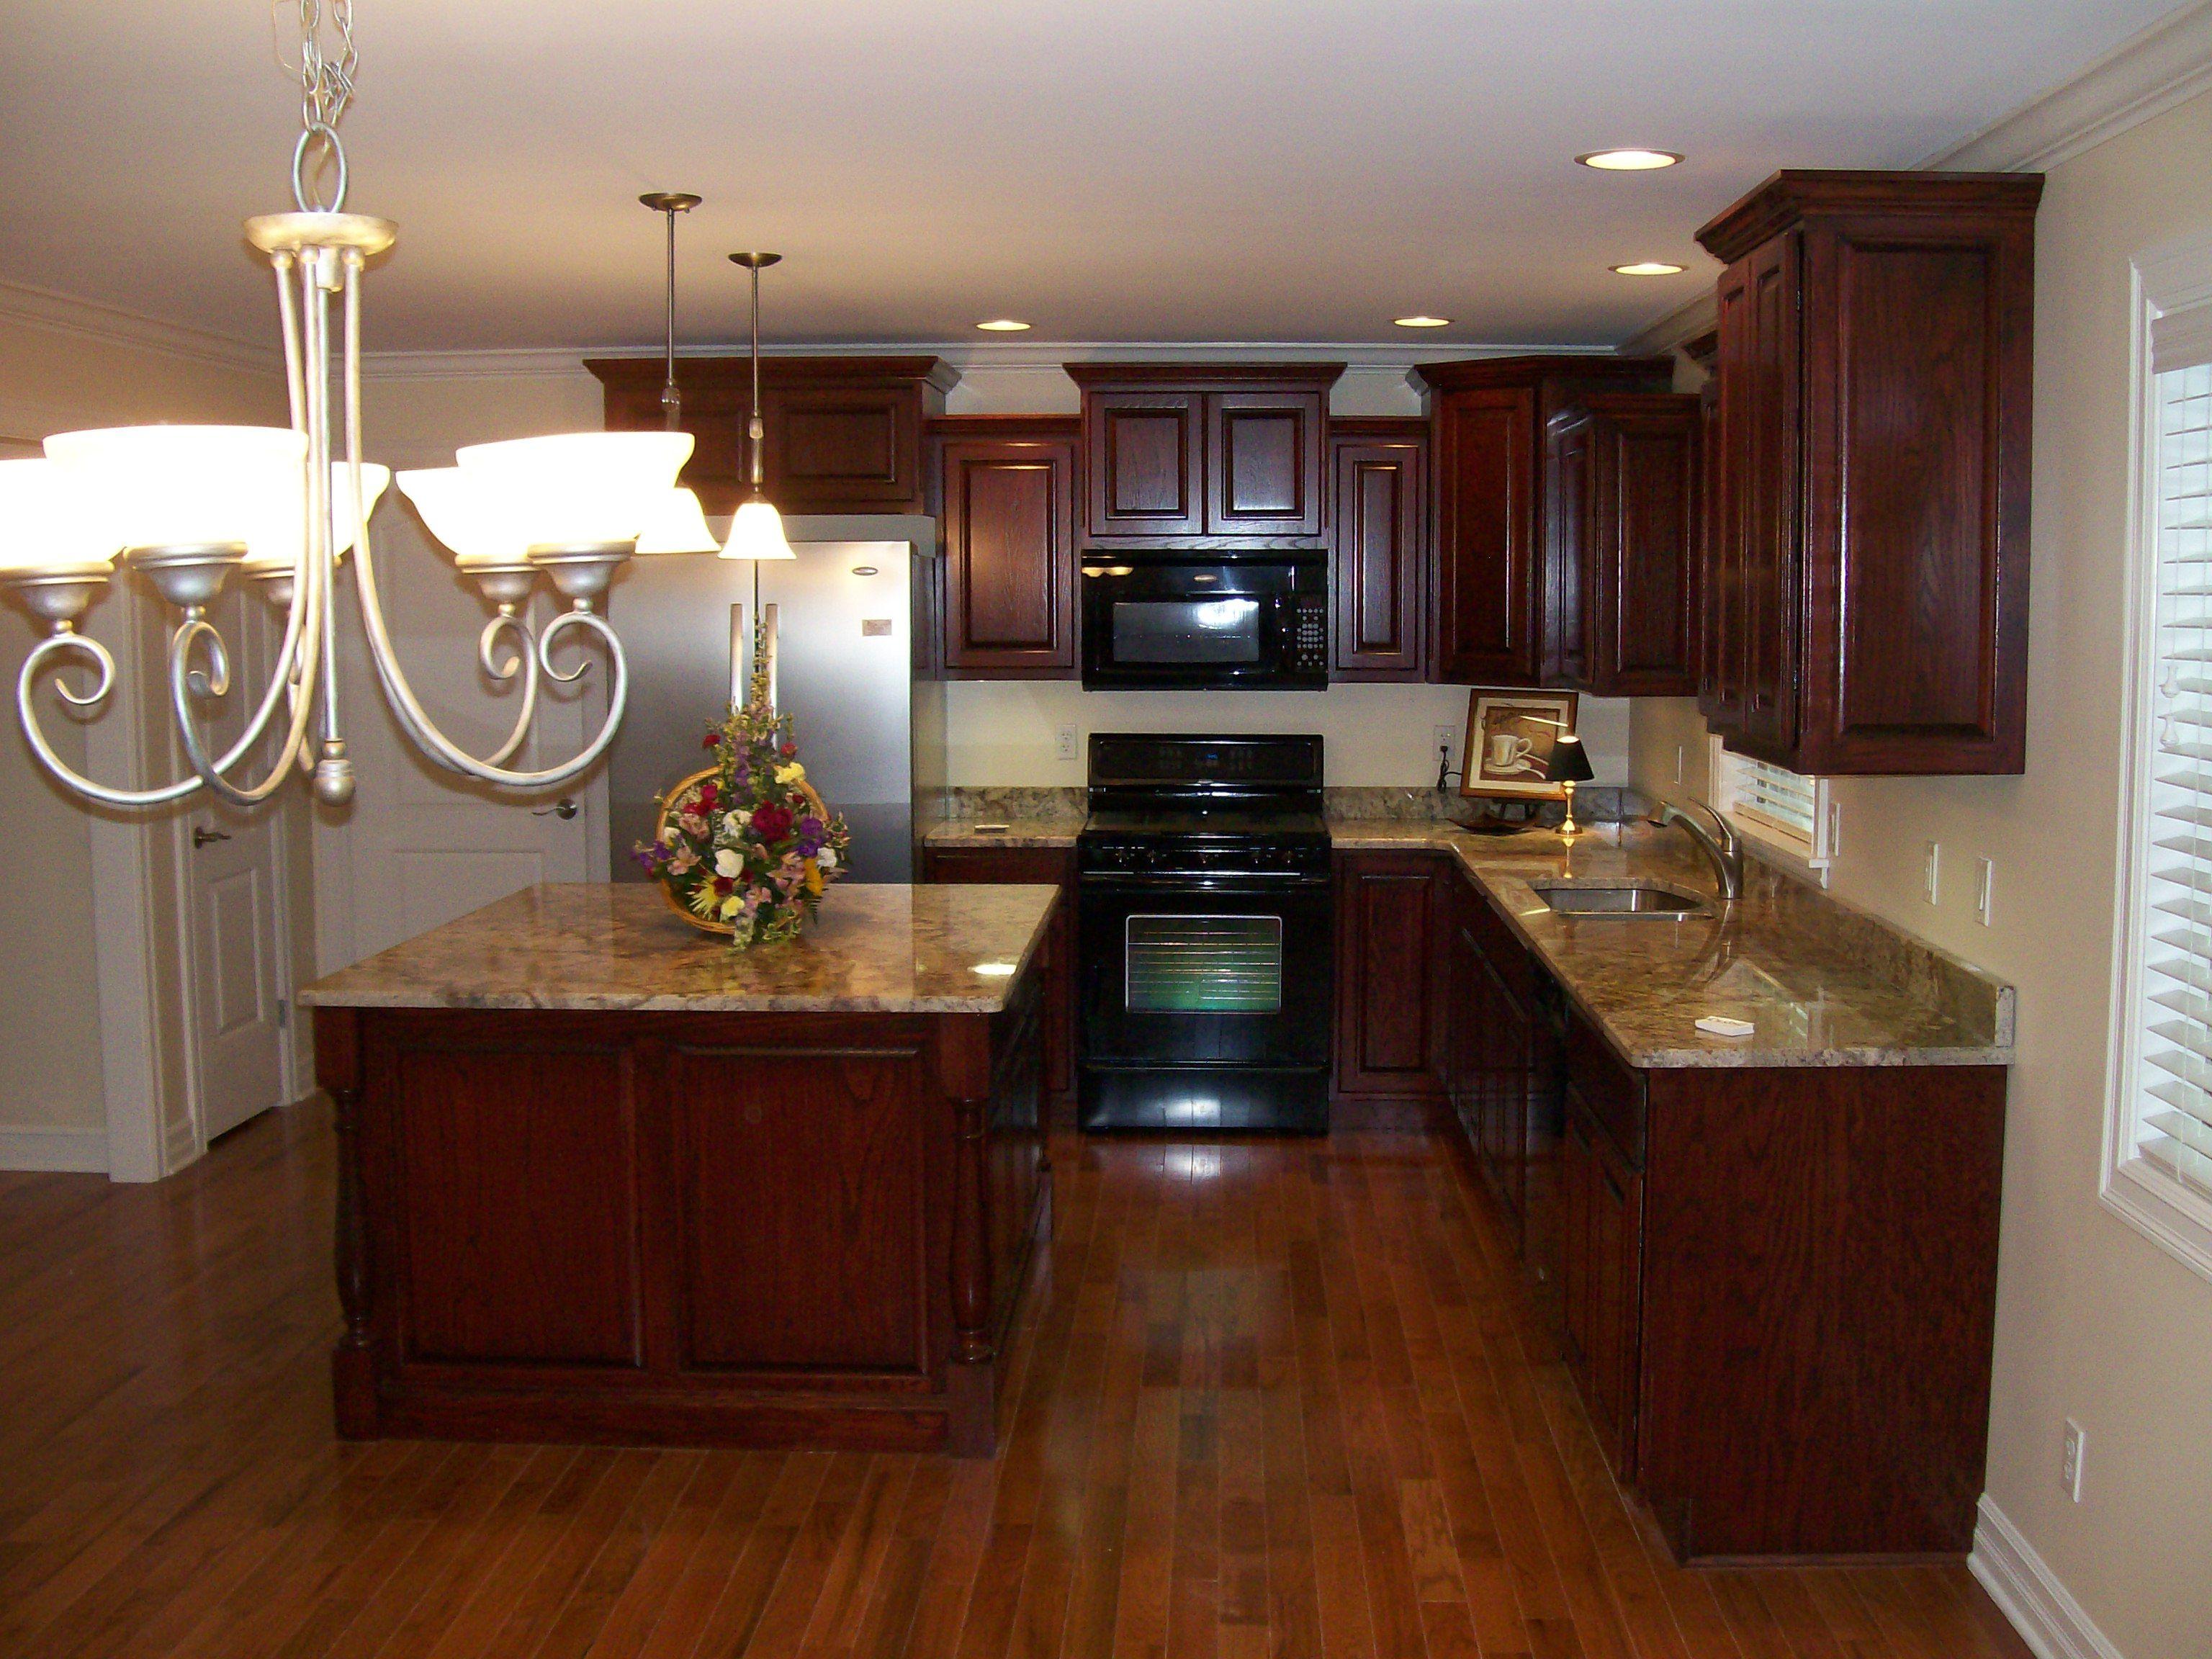 mahogany hickory kitchen cabinets   kitchens2   Kitchen ideas ...